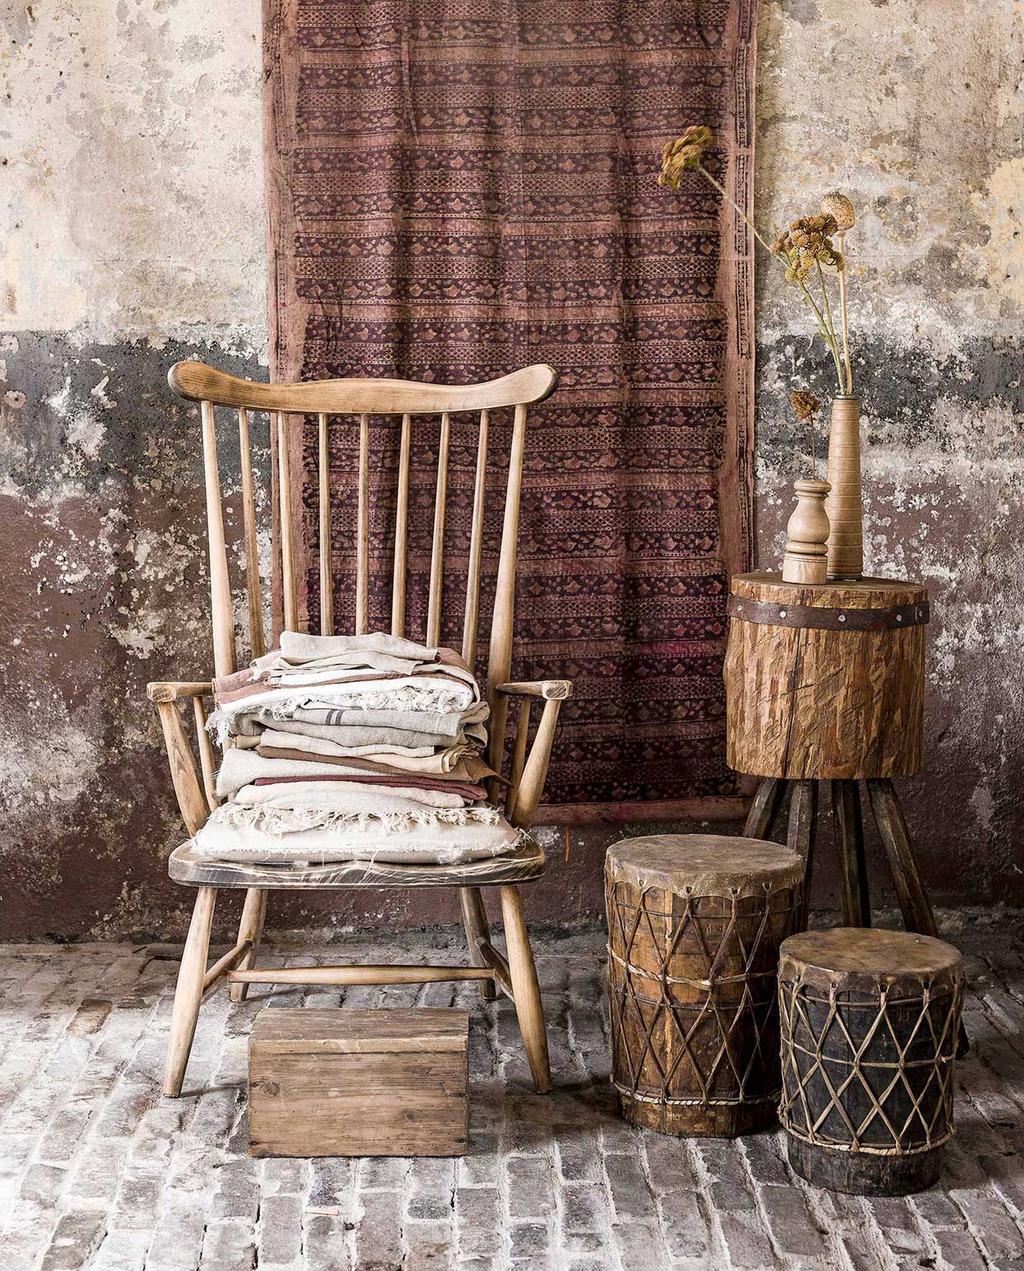 vtwonen 06-2017 | kringloop houten stoel, trommels, wandkleed op achtergrond